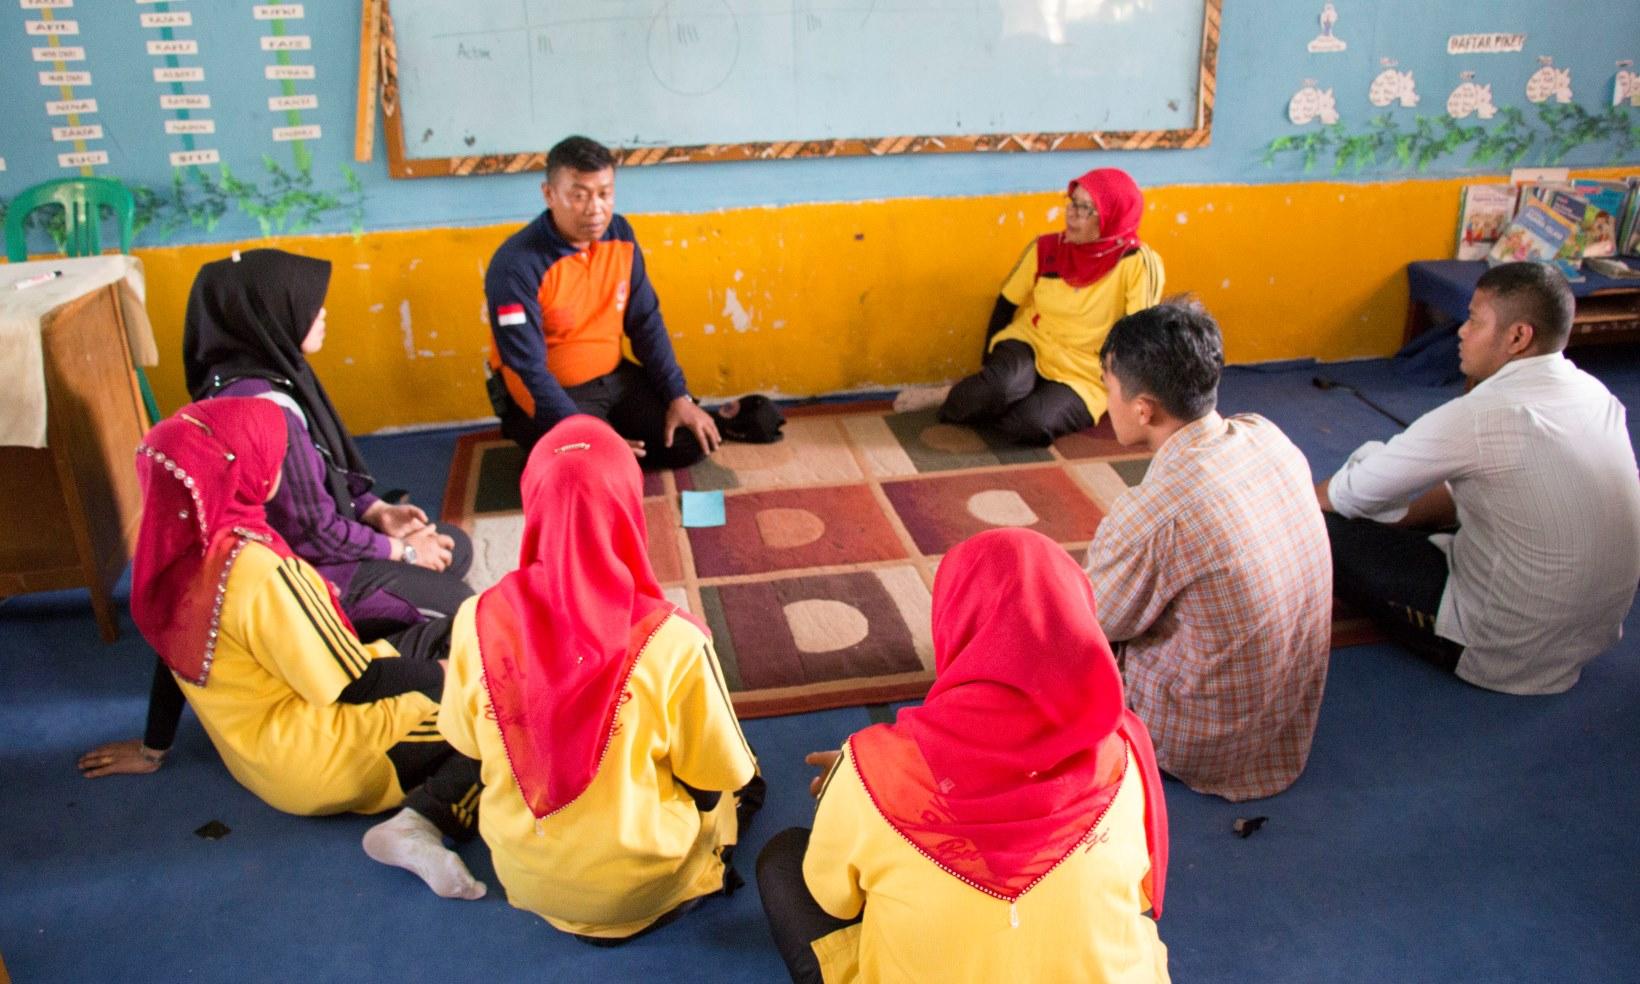 Yayasan Pengurangan Risiko Bencana (YPRB) dalam Pembangunan Sekolah/Madrasah Aman Bencana (SMAB) di Sumatera Barat